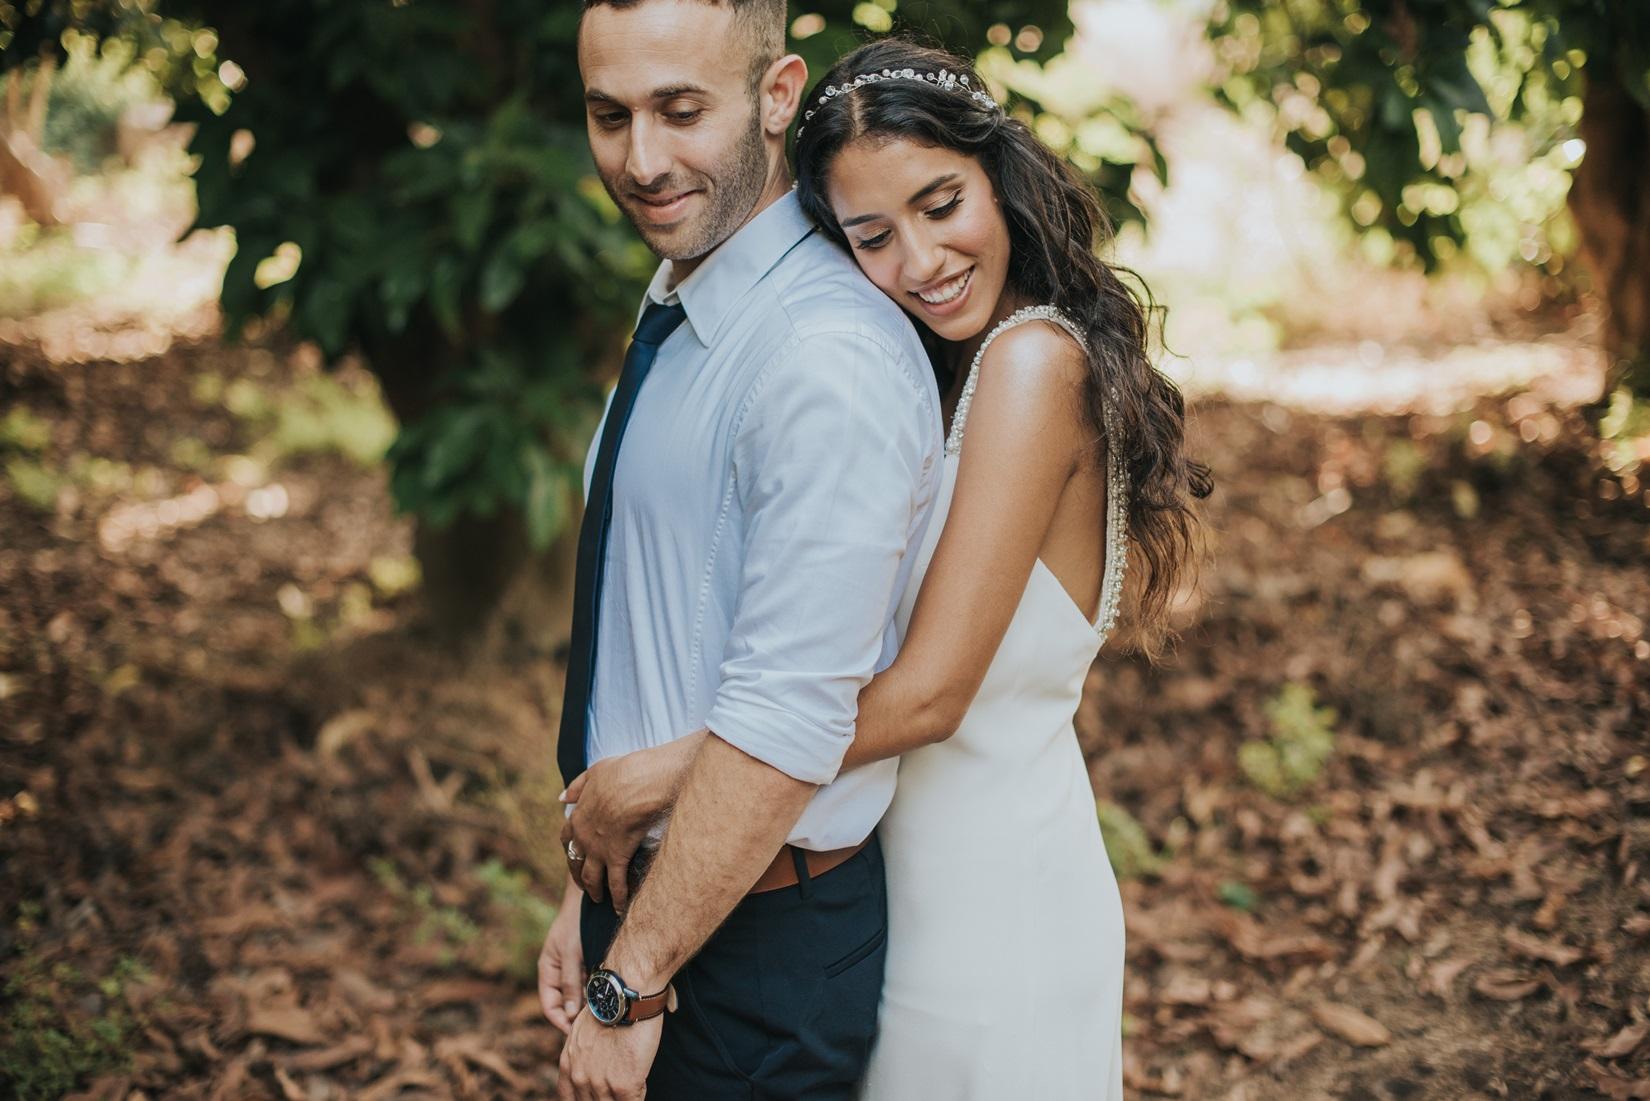 אל אשר תלכי אלך: החתונה של אדוה ורועי